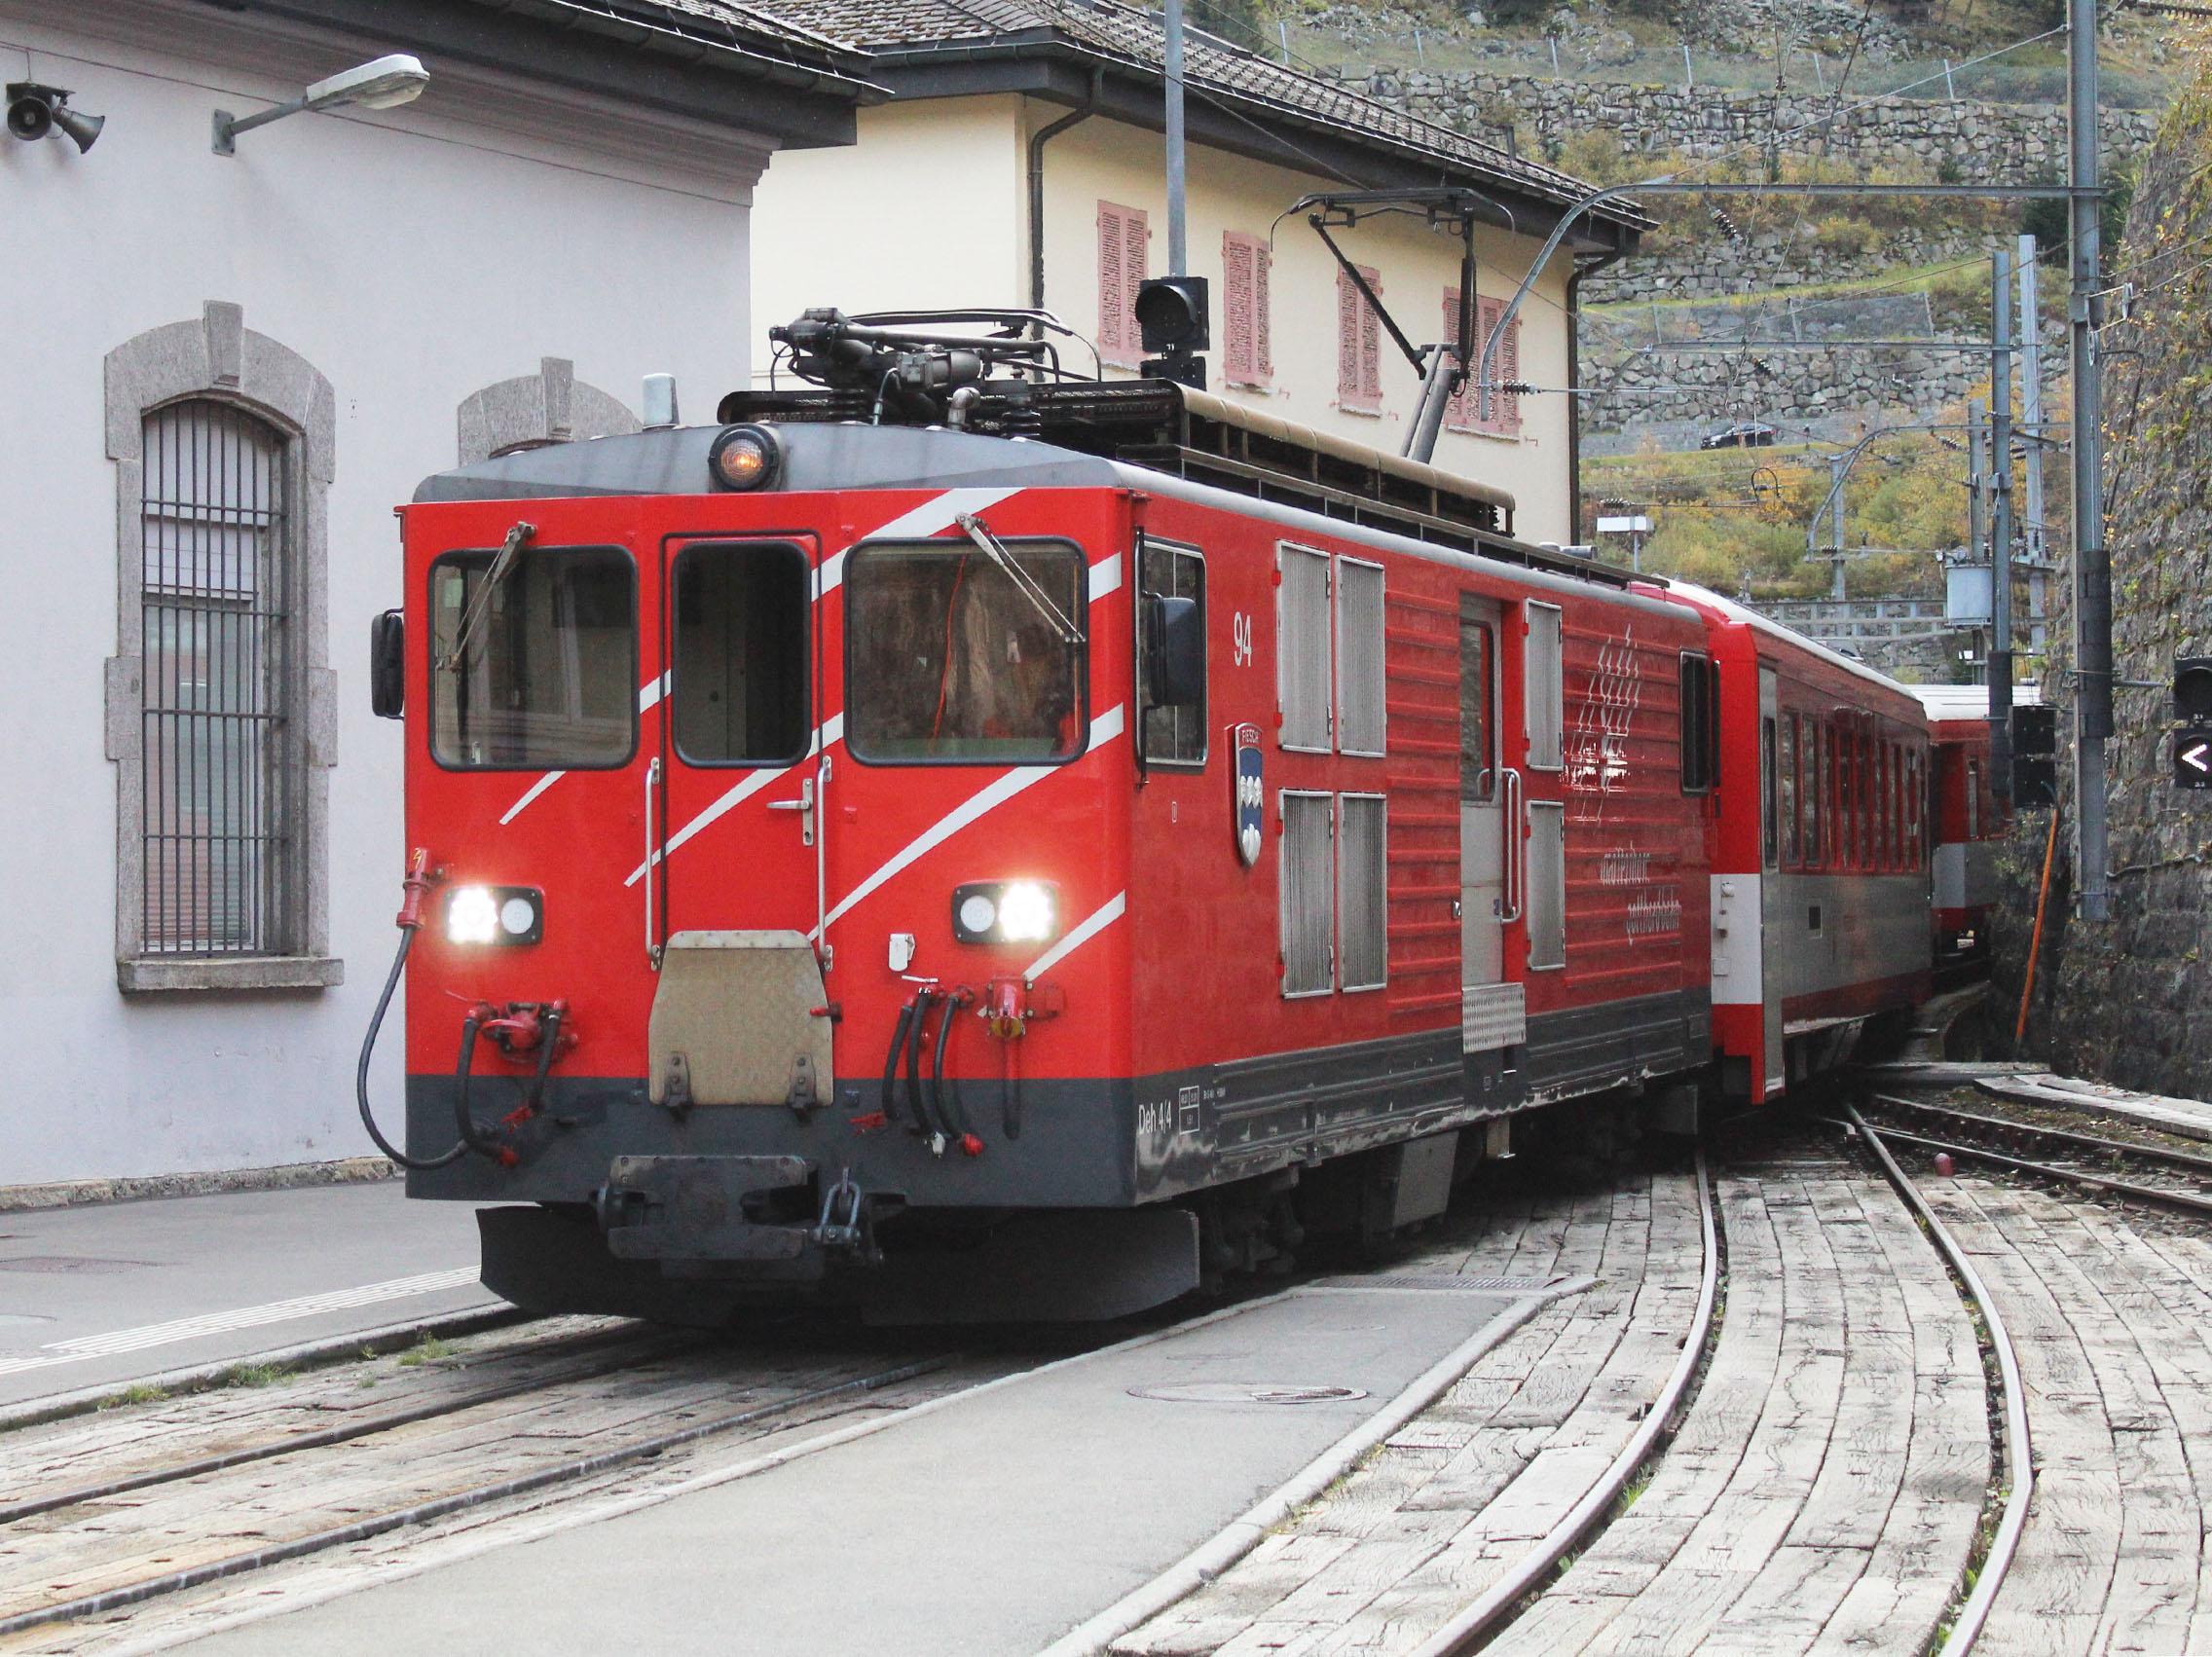 6348-25.10.20 Göschenen